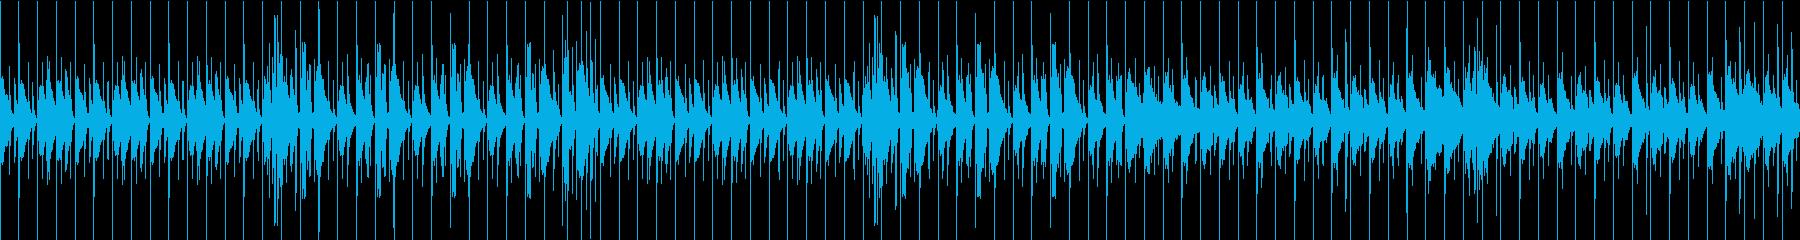 ノリノリな雰囲気の音楽の再生済みの波形